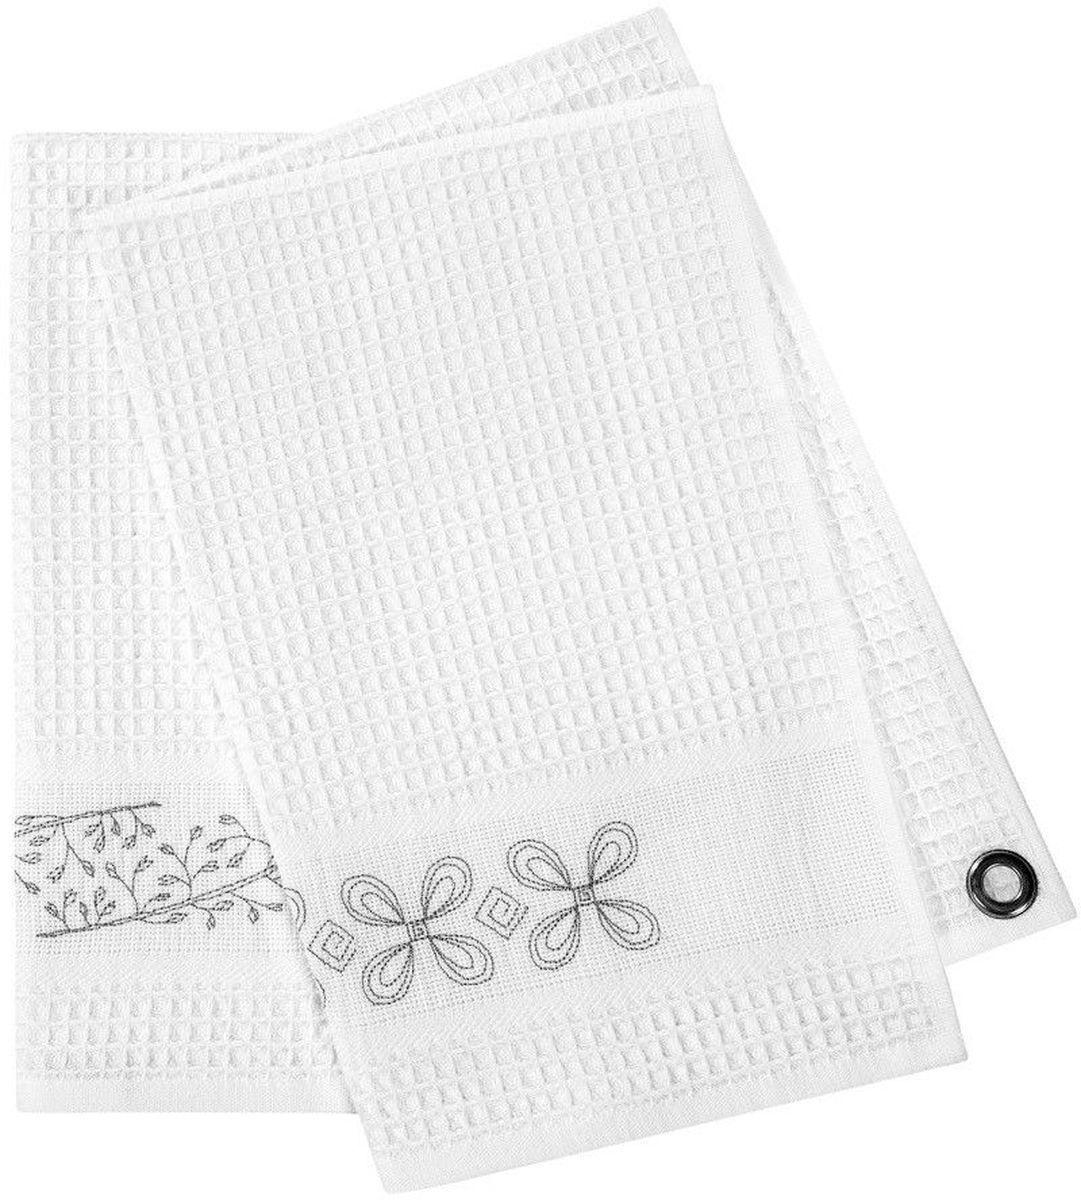 где купить {} Togas Кухонное полотенце Пастораль Цвет: Белый (45х70 см - 2 шт) по лучшей цене